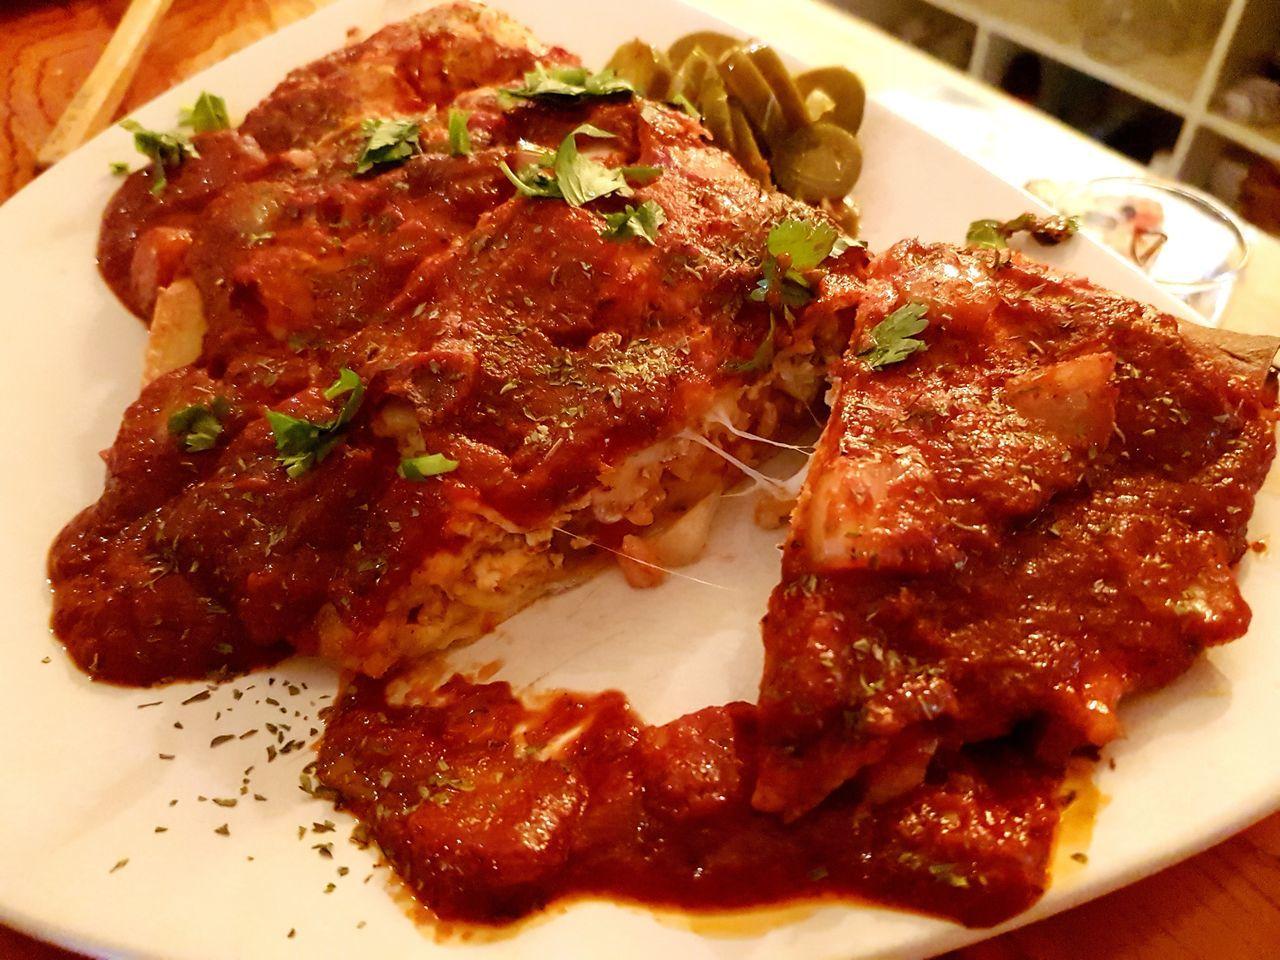 전대후문 Corona 전대코로나 Food Appetizer Plate 깔조네 Calzone